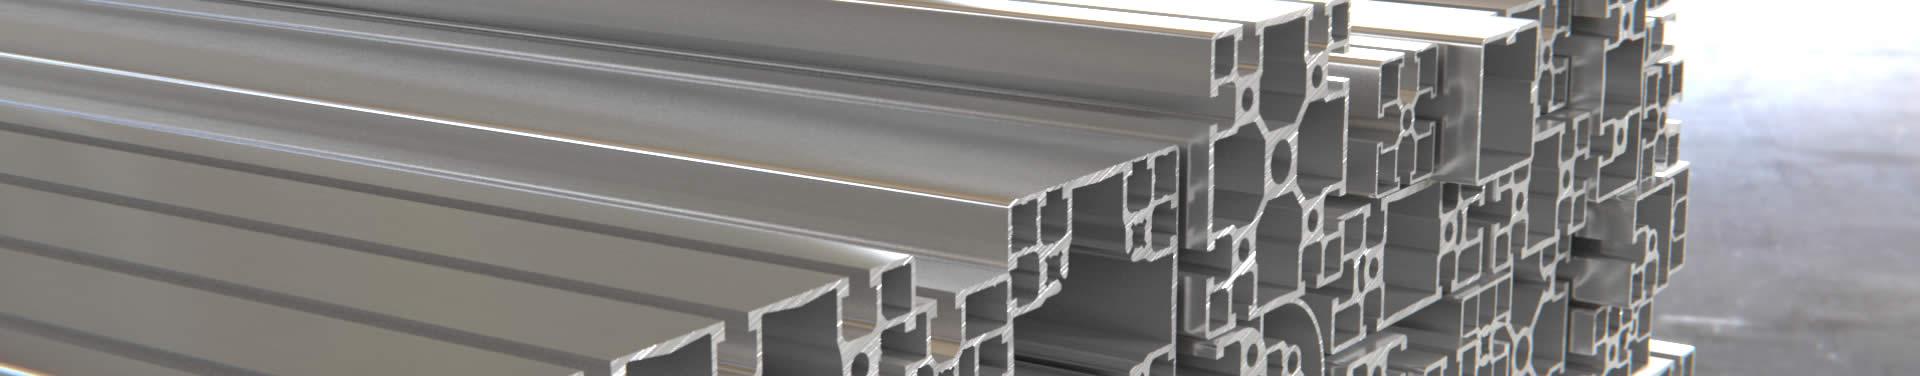 profili_in_alluminio_e_accessori_2